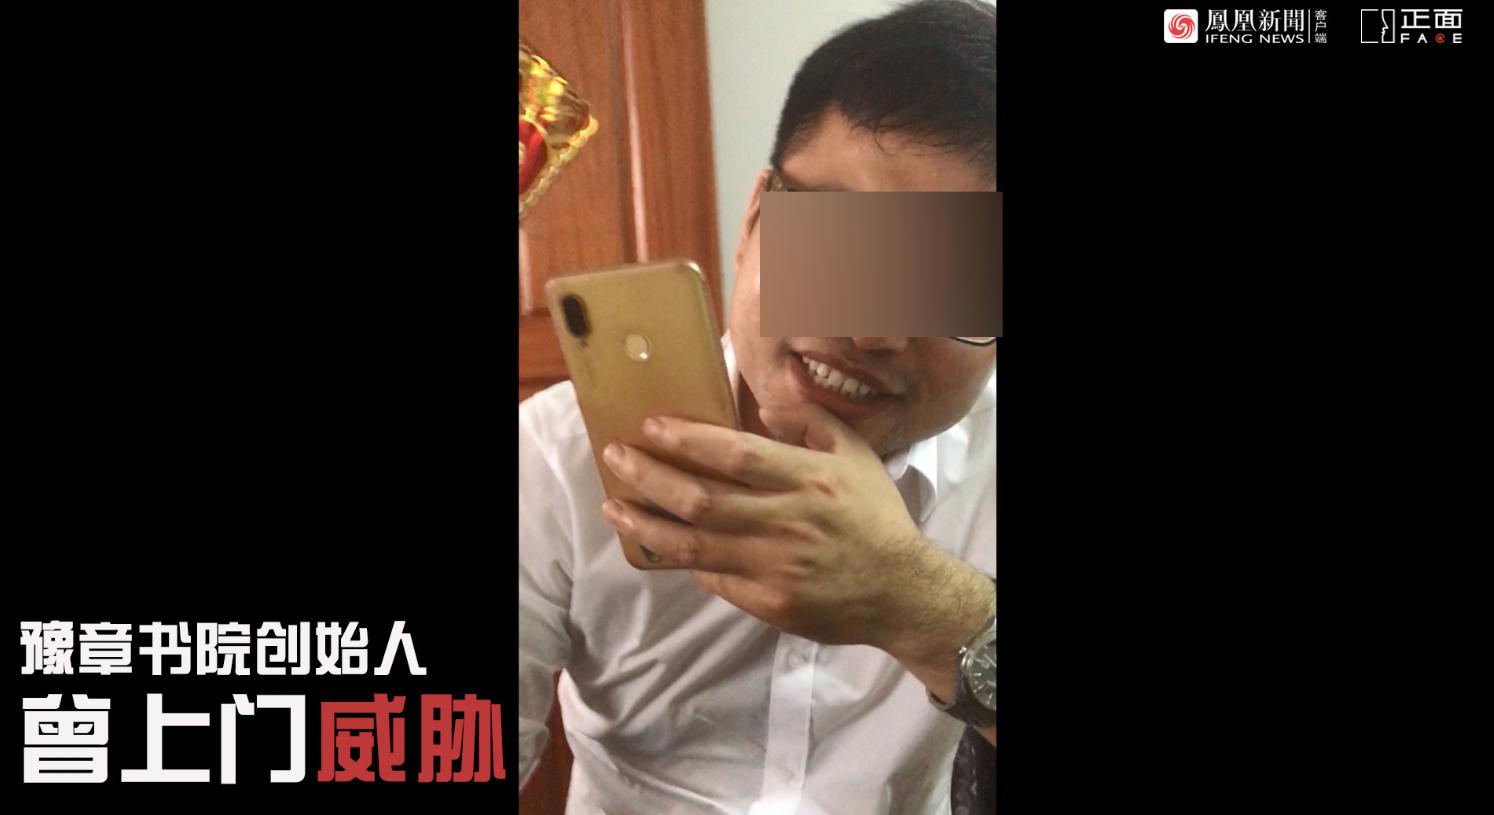 豫章书院创始人被判2年10个月,曾上门威胁学员视频首次曝光